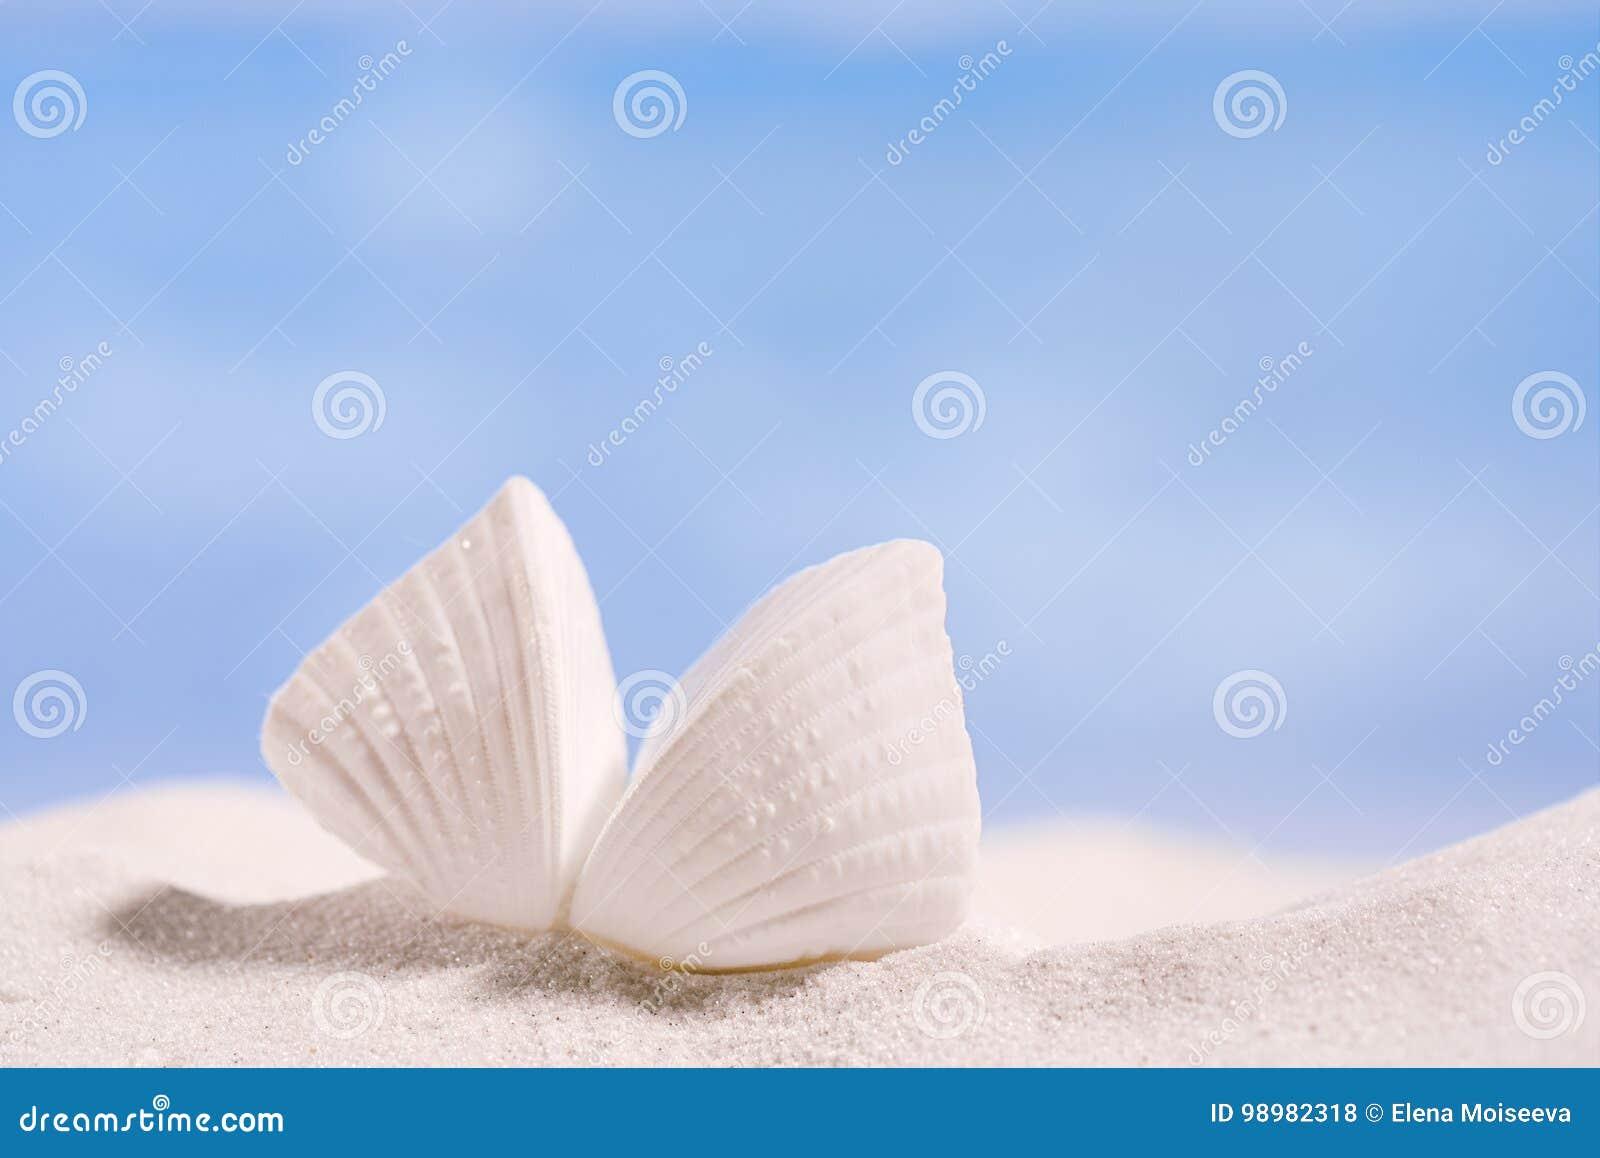 Vitt tropiskt skal på vit Florida strandsand under solljus